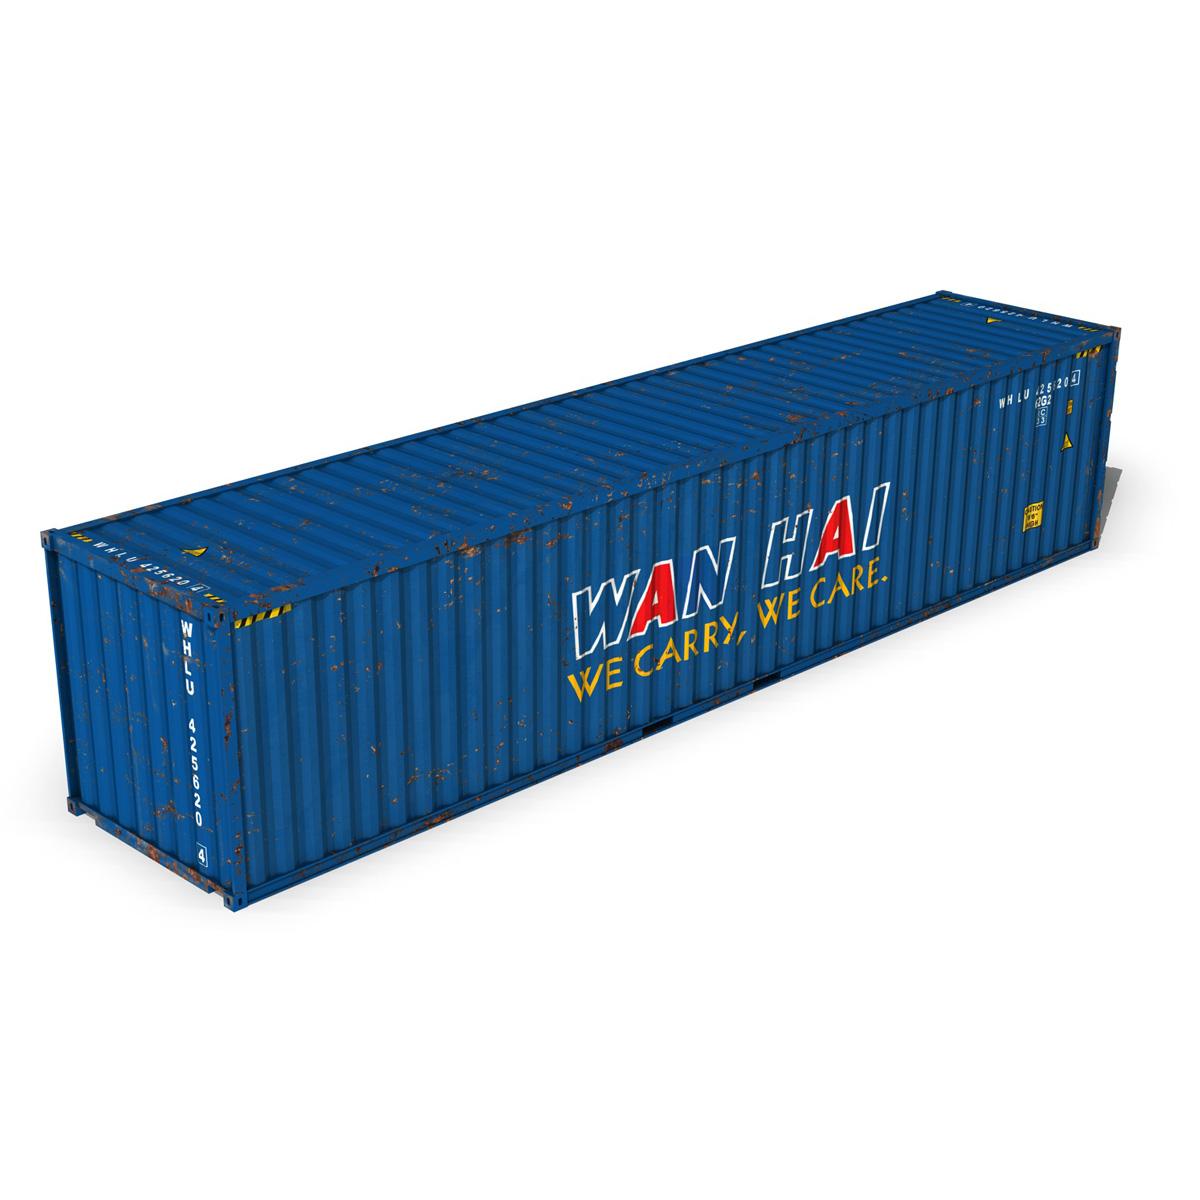 40ft тээврийн чингэлэг - Xan Xian 3d загвар 3ds fbx II lws о о о c4d 265154